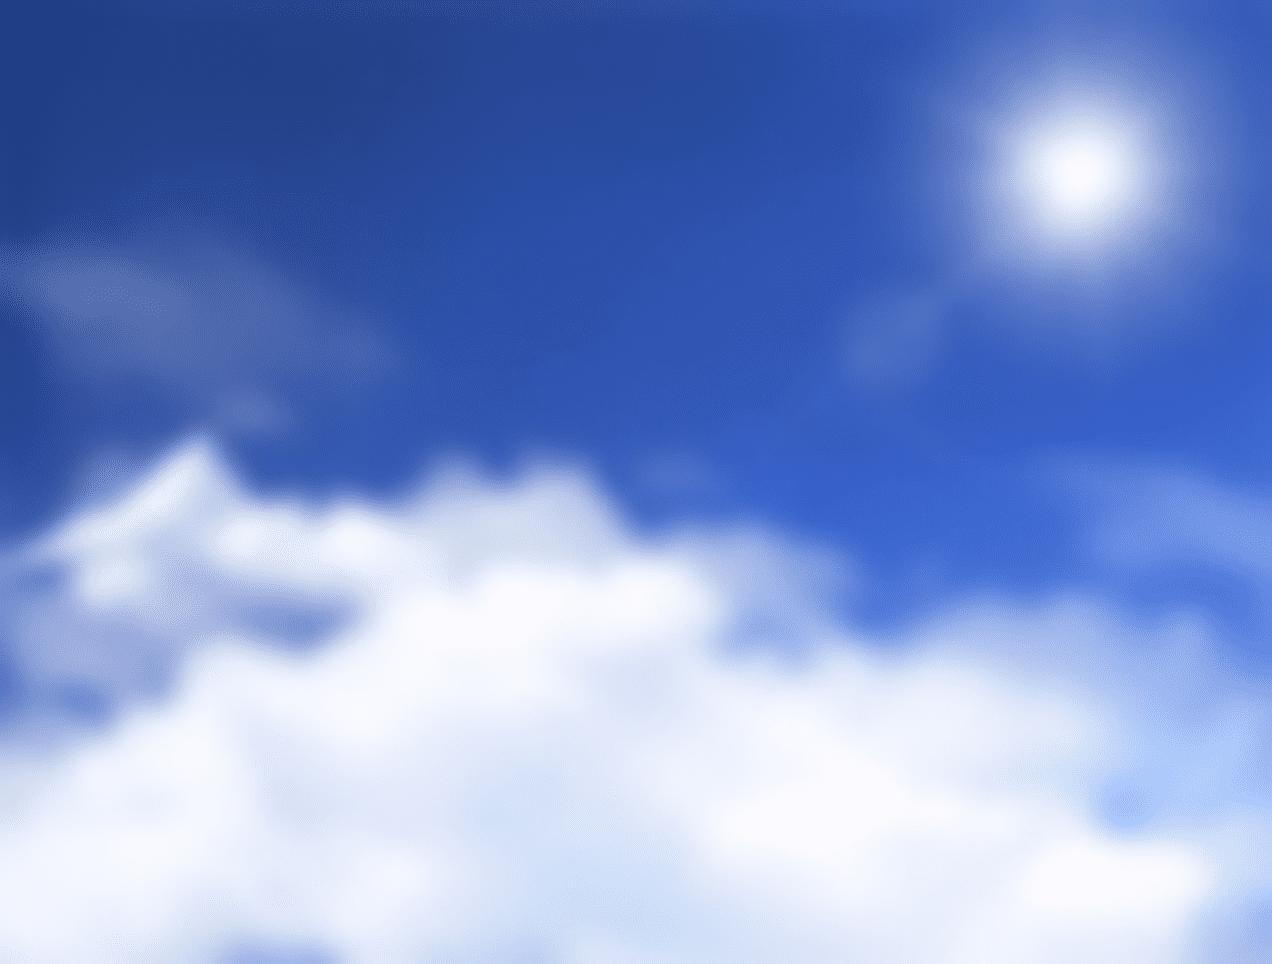 太陽のイメージ図